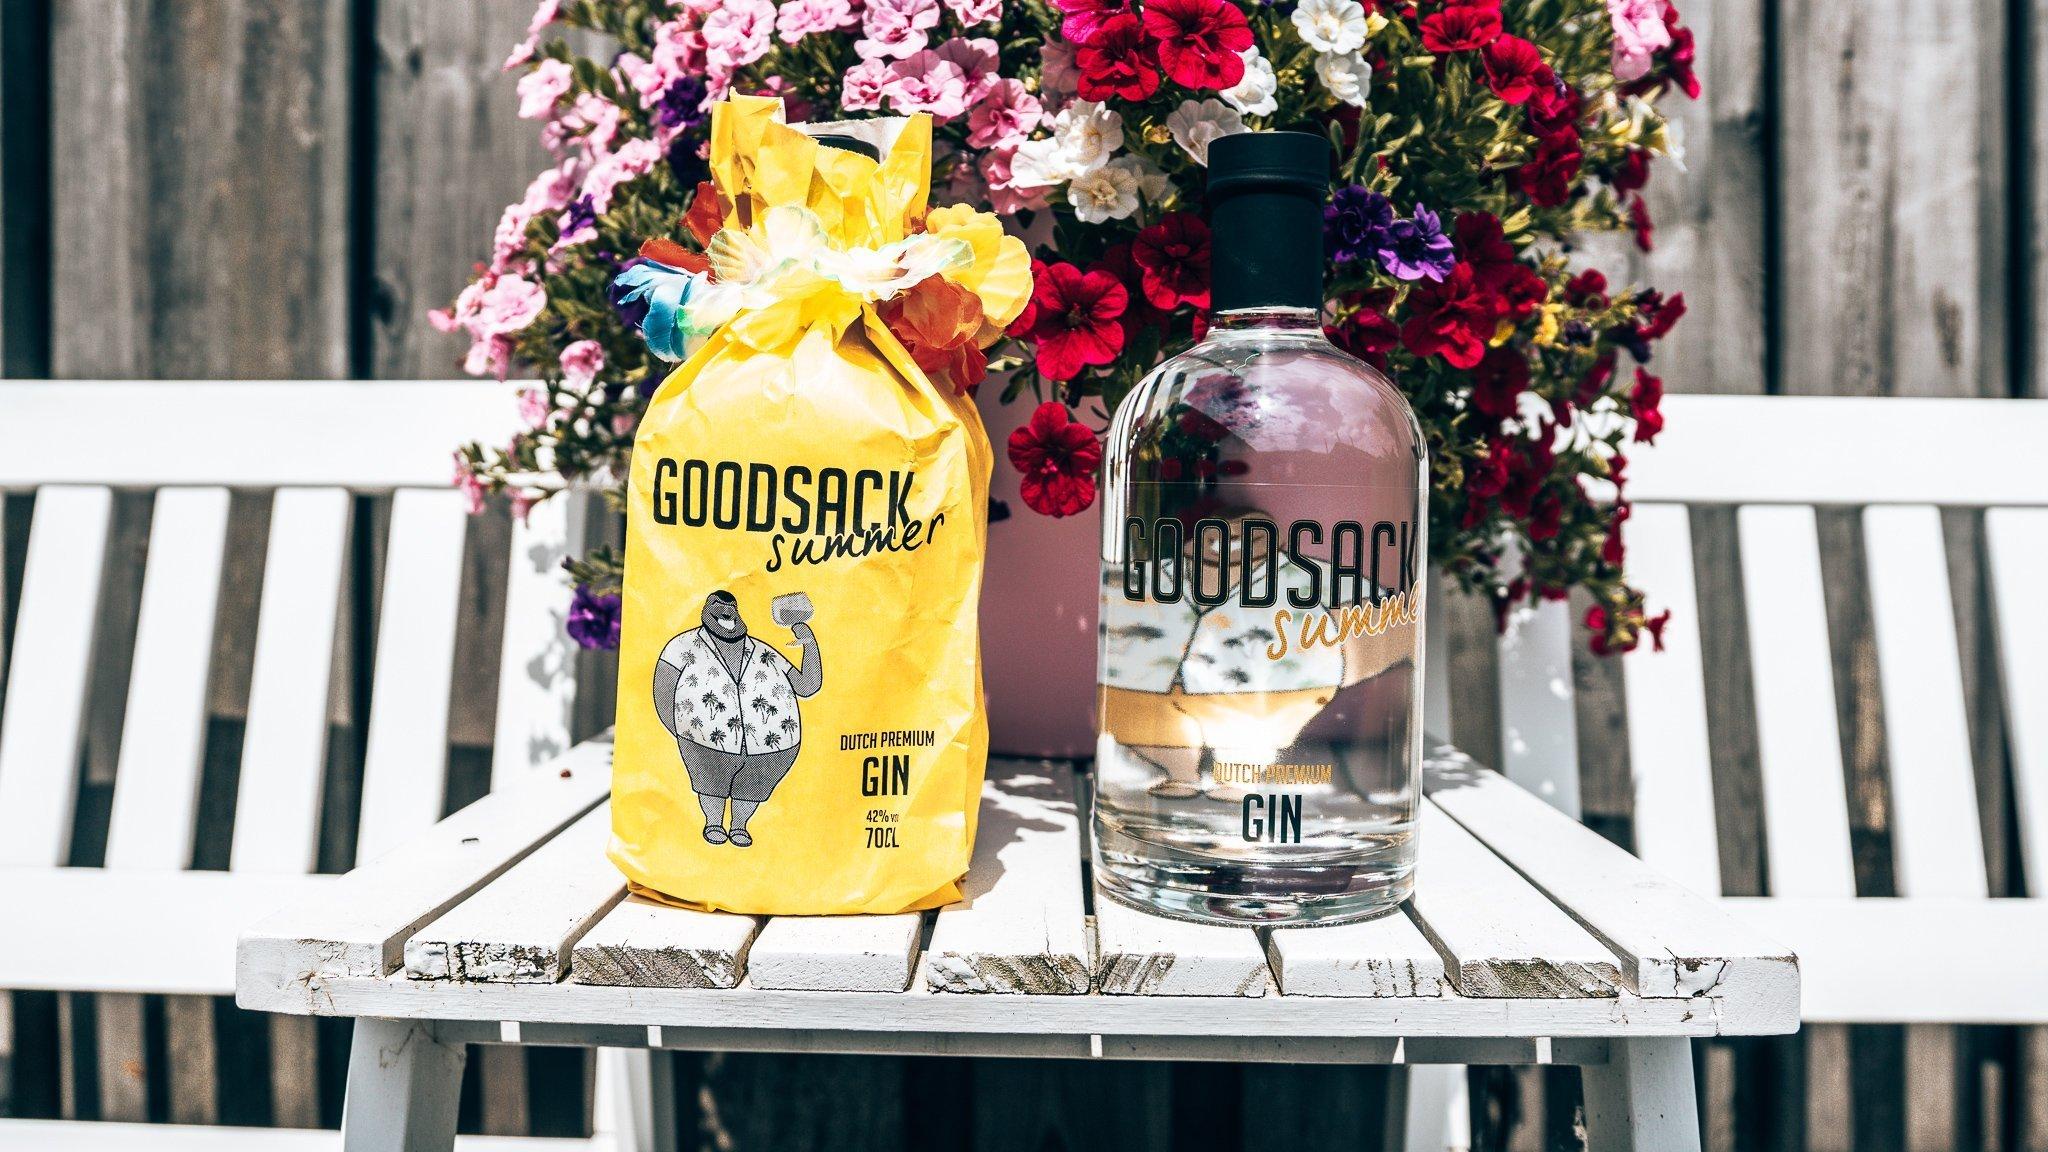 Goodsack Summer Gin, Alles over gin.